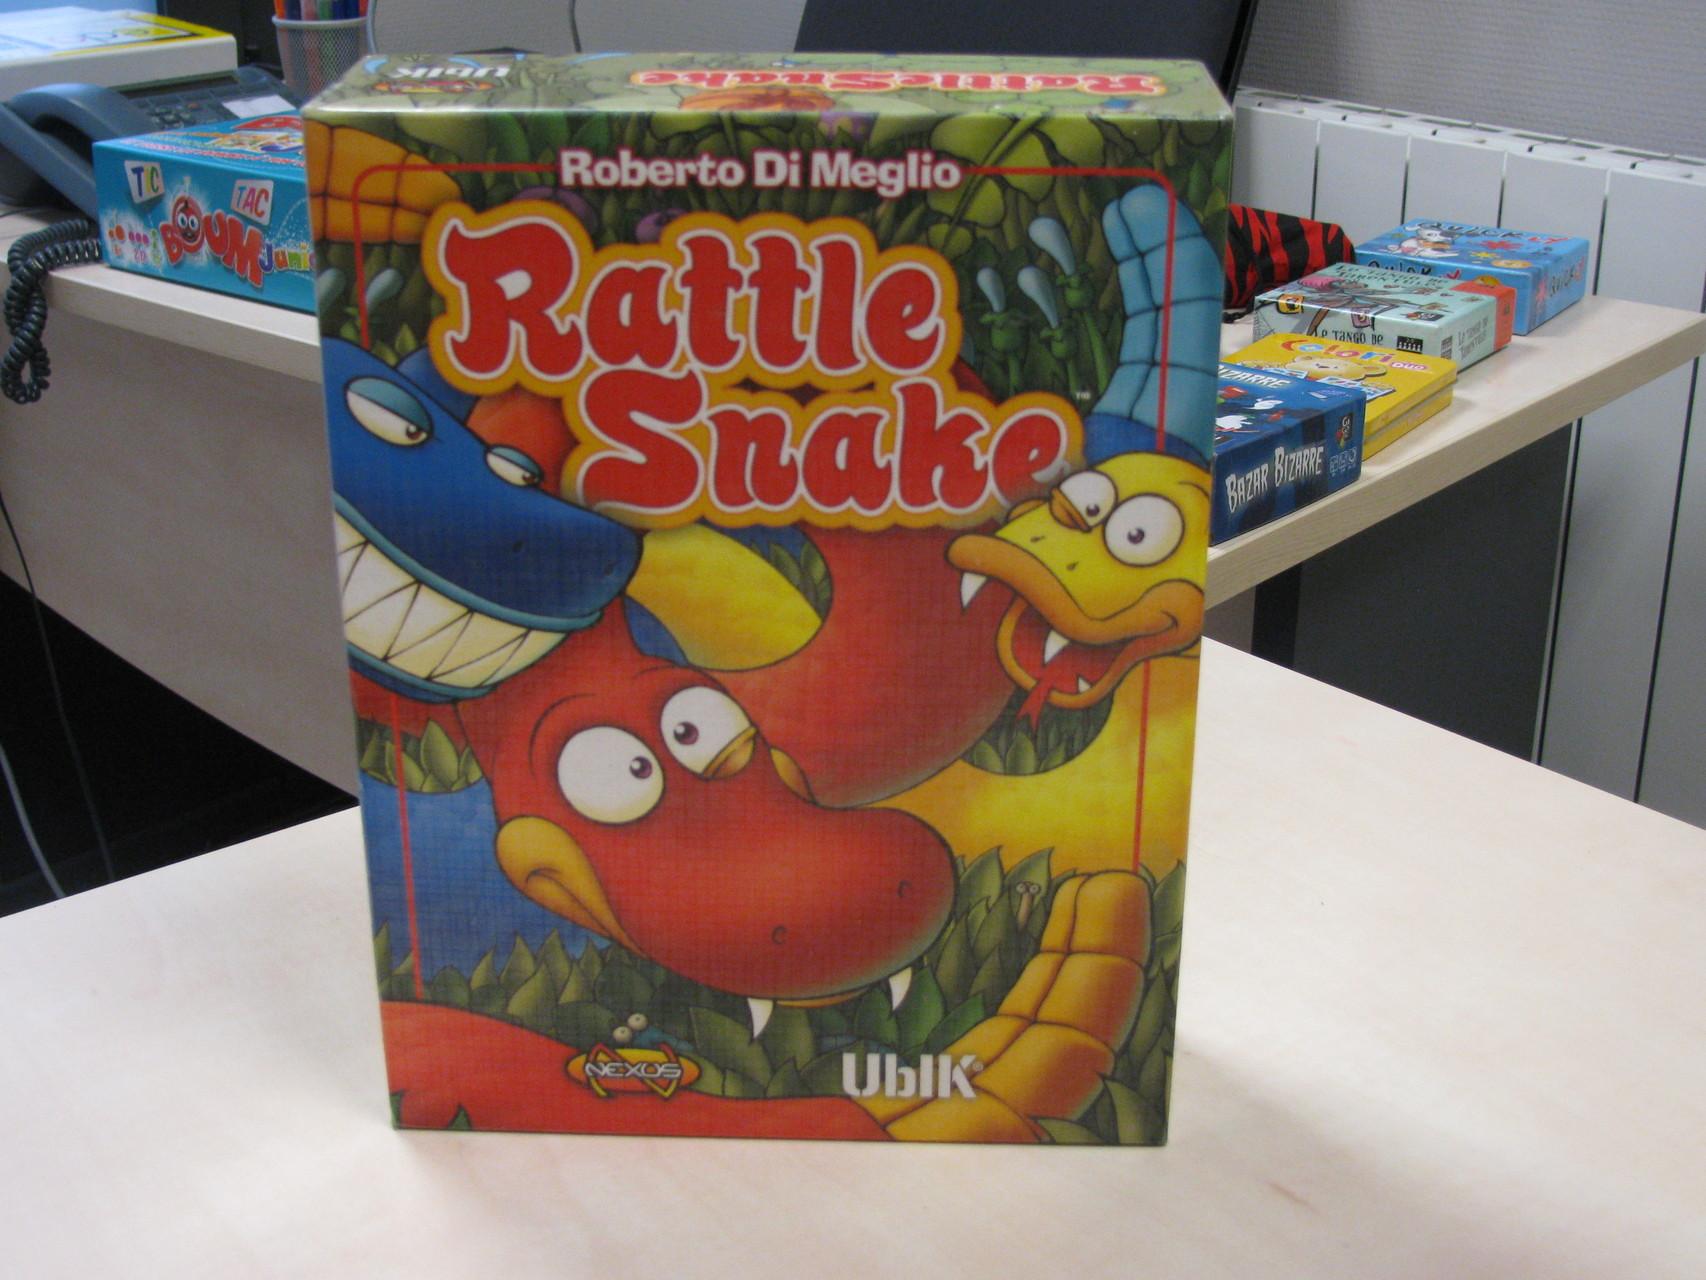 Les Jeux d'adresse et de motricité (sans rapidité): Rattle snake